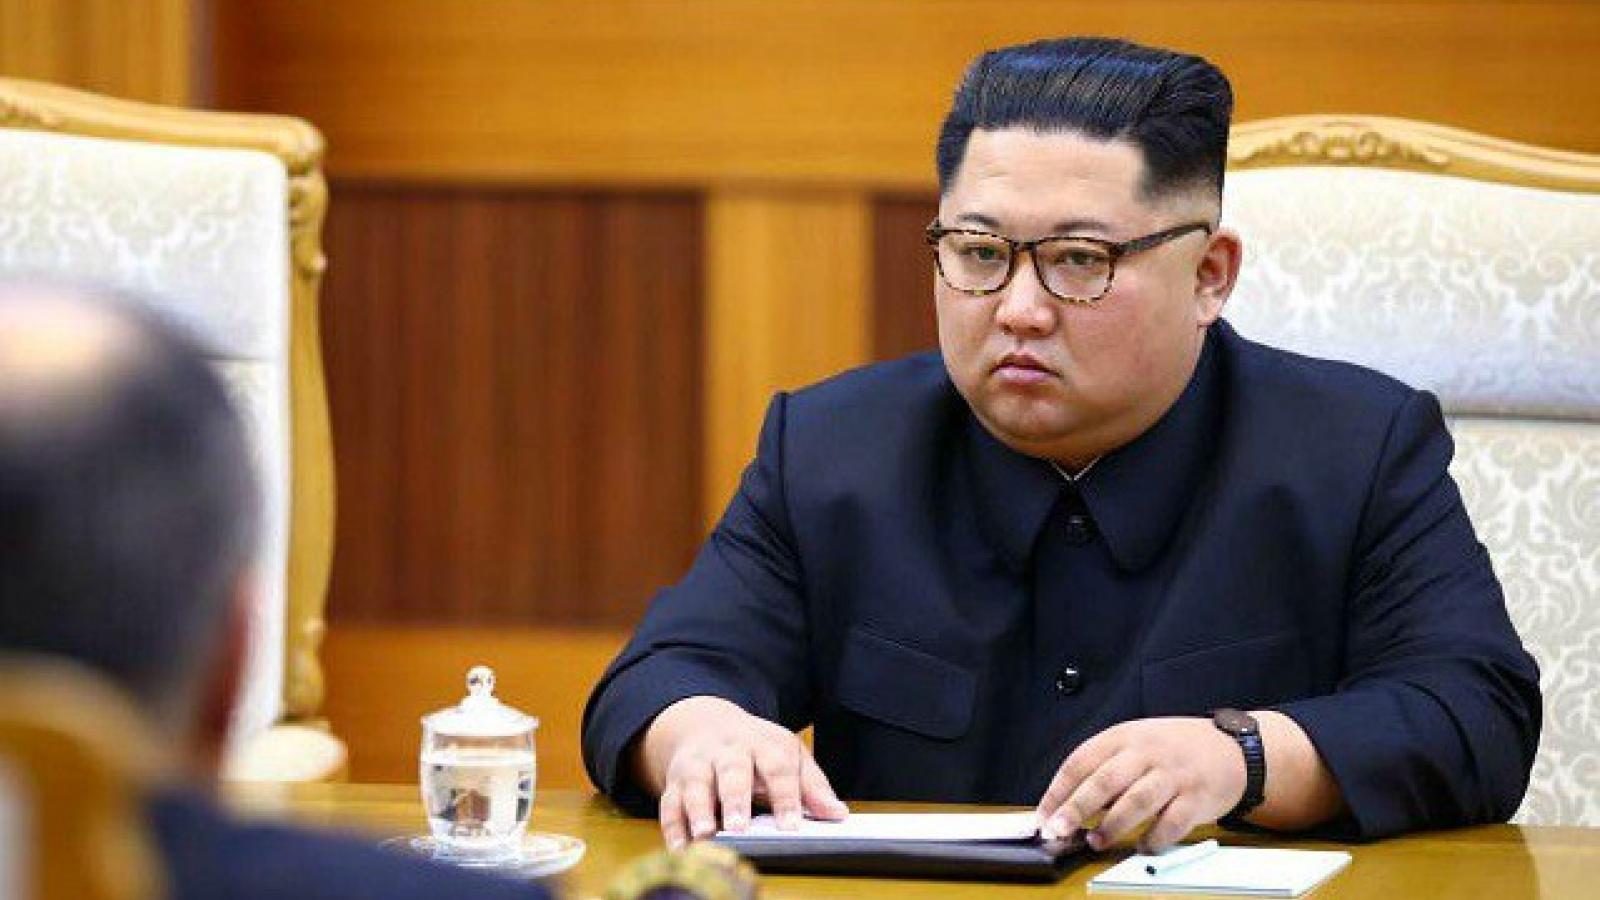 Liên Hợp Quốc cáo buộc Triều Tiên phát triển thiết bị hạt nhân thu nhỏ